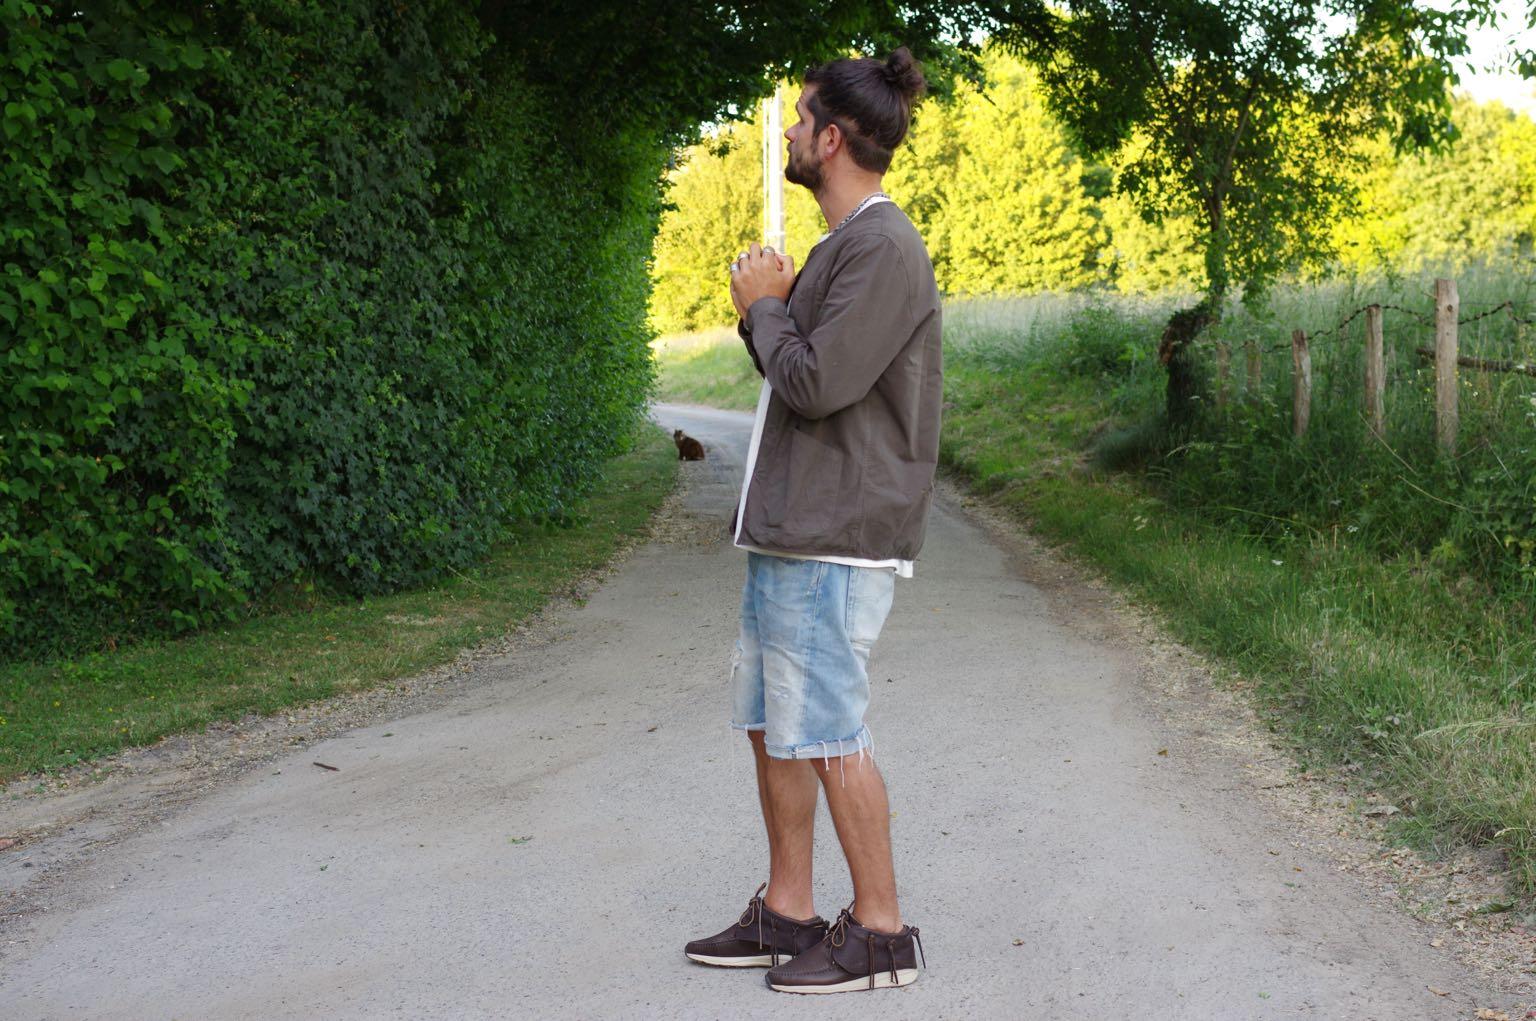 conseil style homme été avec tenue street heritage workwear surchemise militaire Kestin neist et short en jean levi's 501